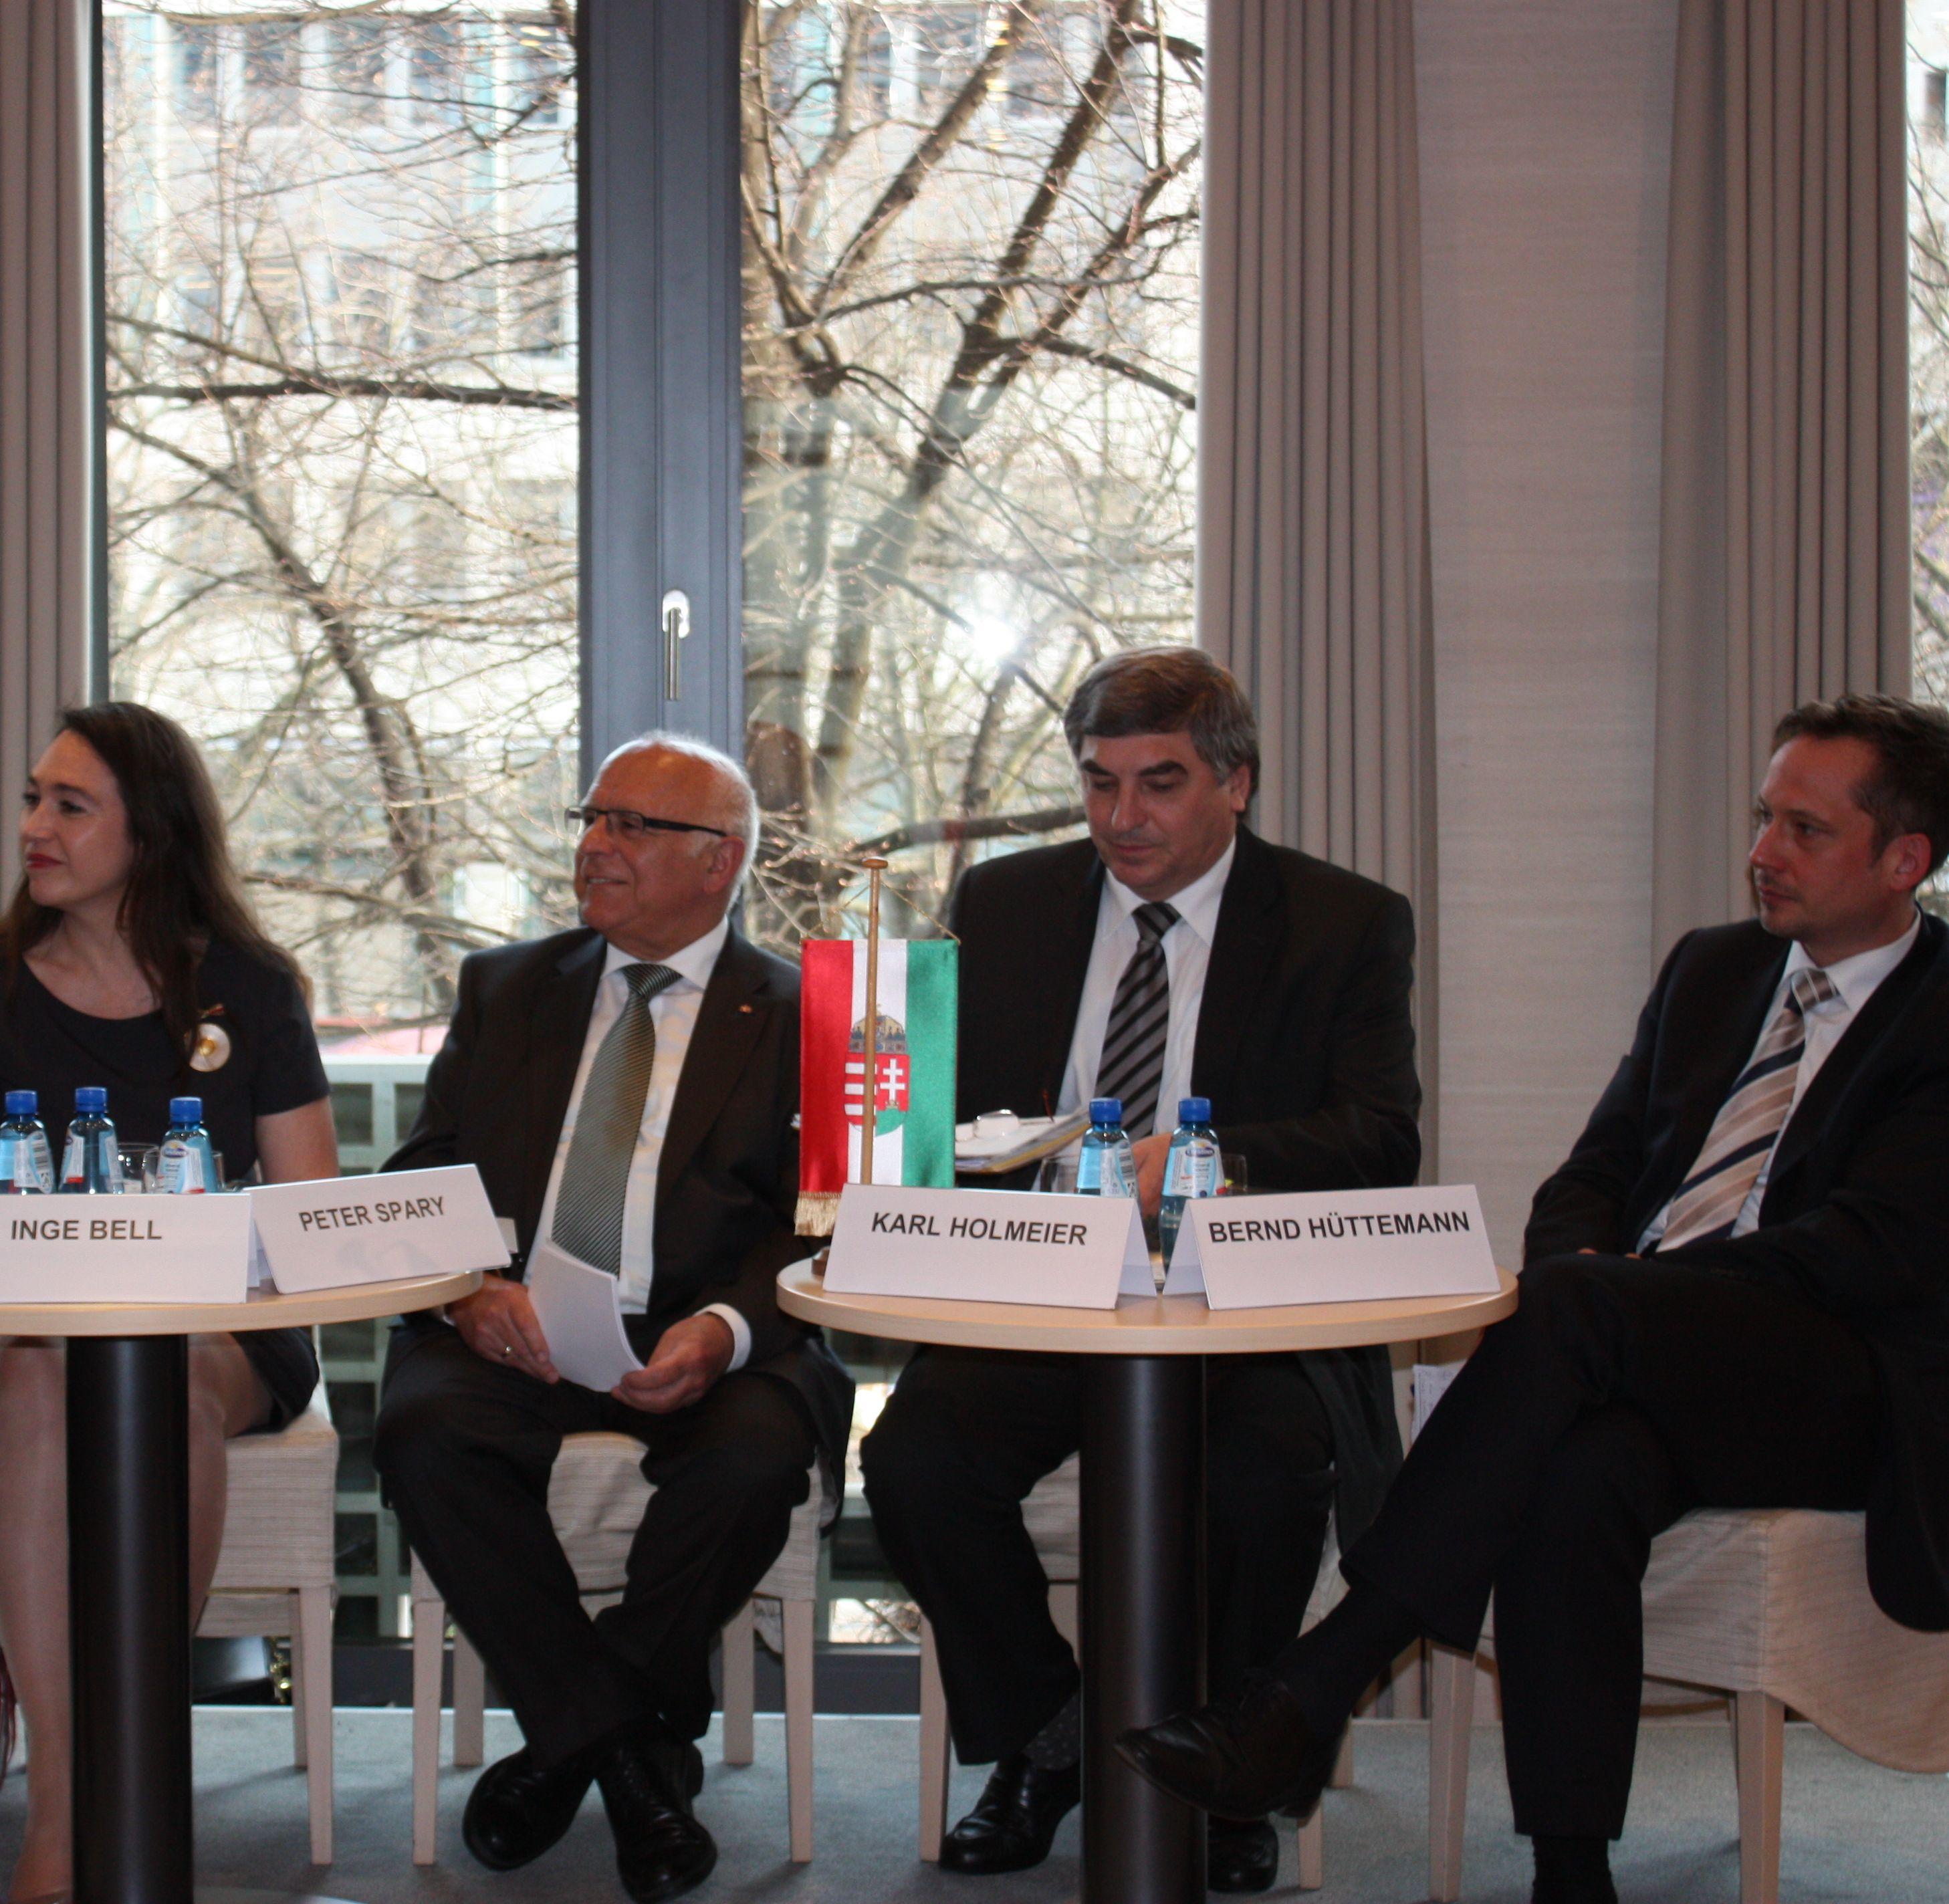 Muster- oder Prügelknabe? Diskussionsveranstaltung zur aktuellen Politik Ungarns